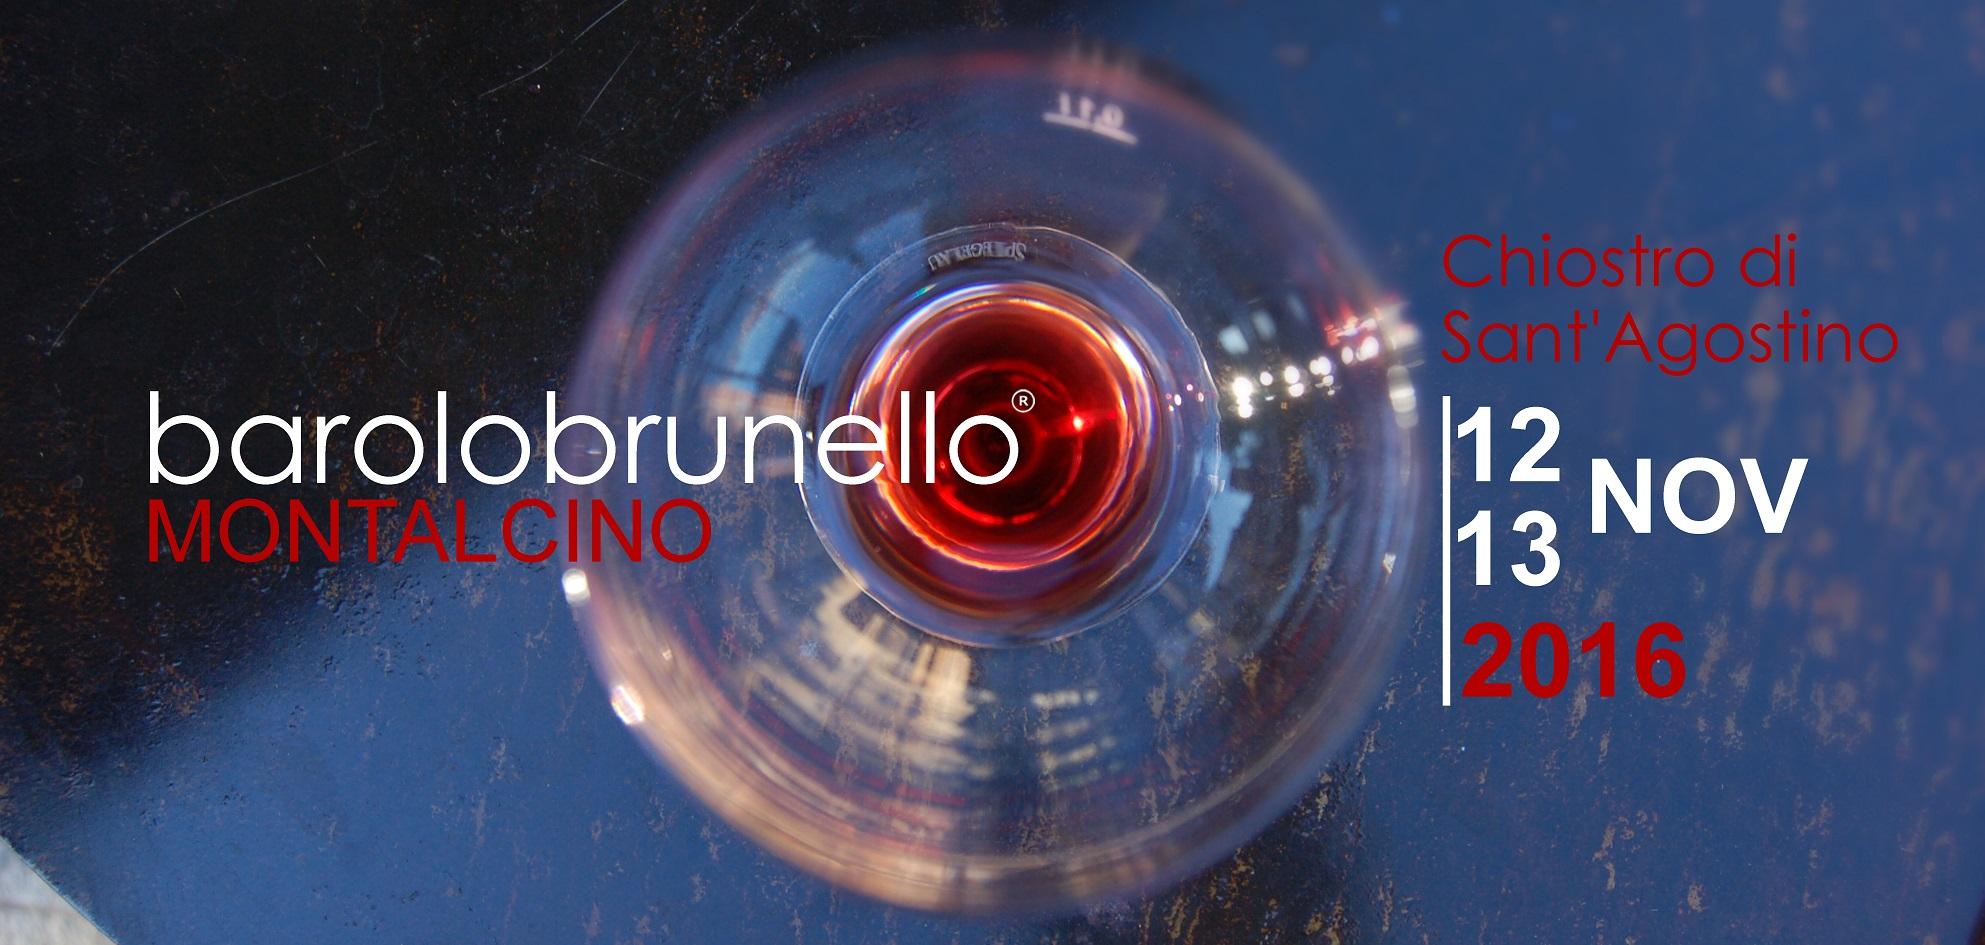 Barolo Brunello: our Barolo Ravera vertical tasting